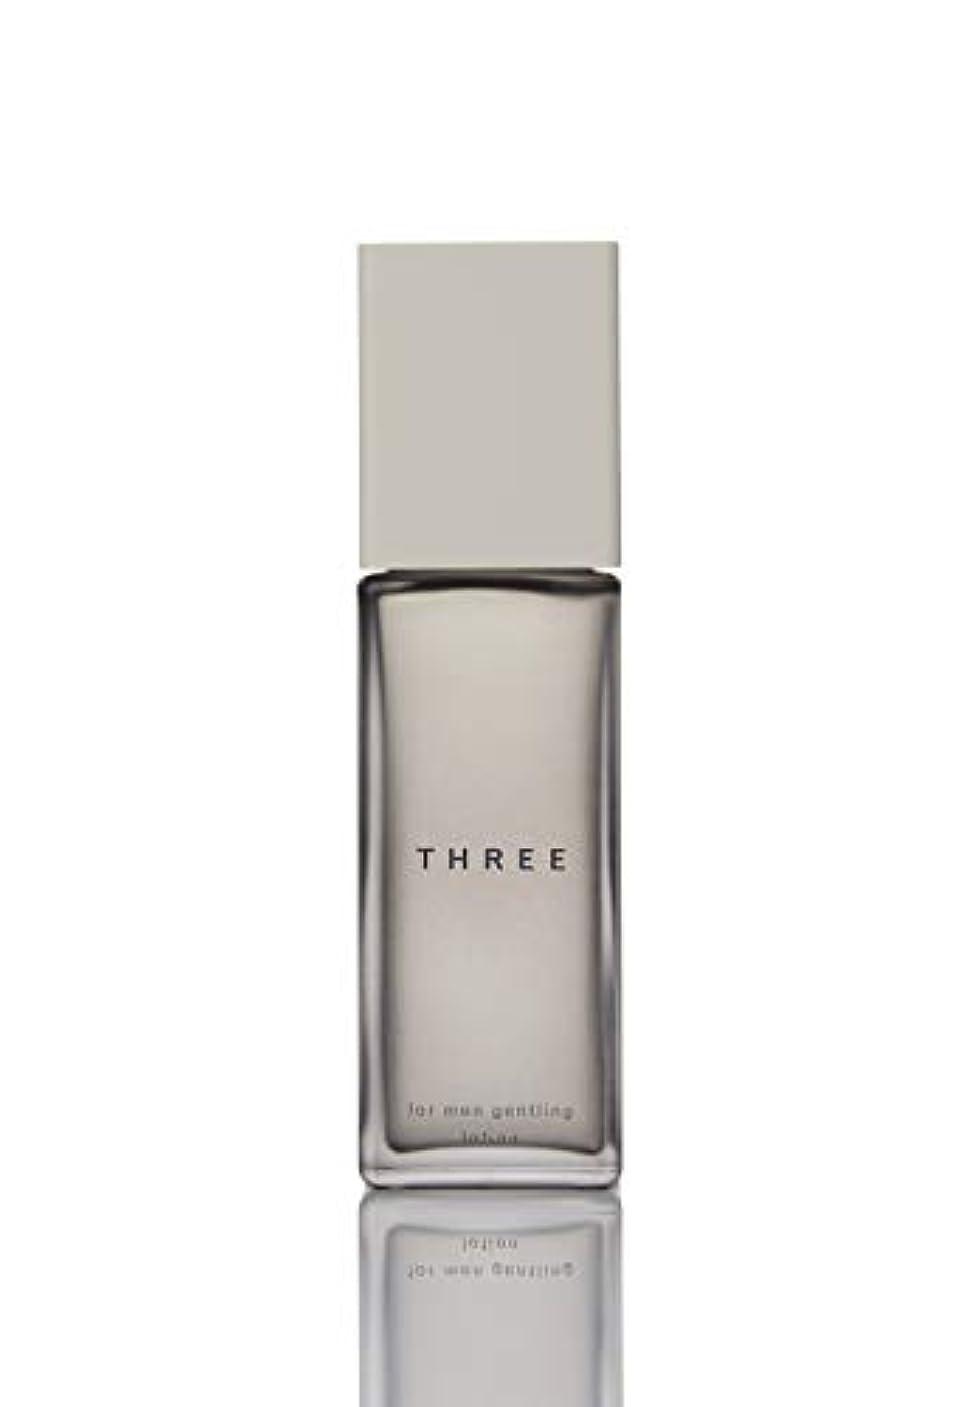 かび臭いを必要としていますピンFIVEISM × THREE(ファイブイズム バイ スリー) THREE フォー?メン ジェントリング ローション 100mL 化粧水